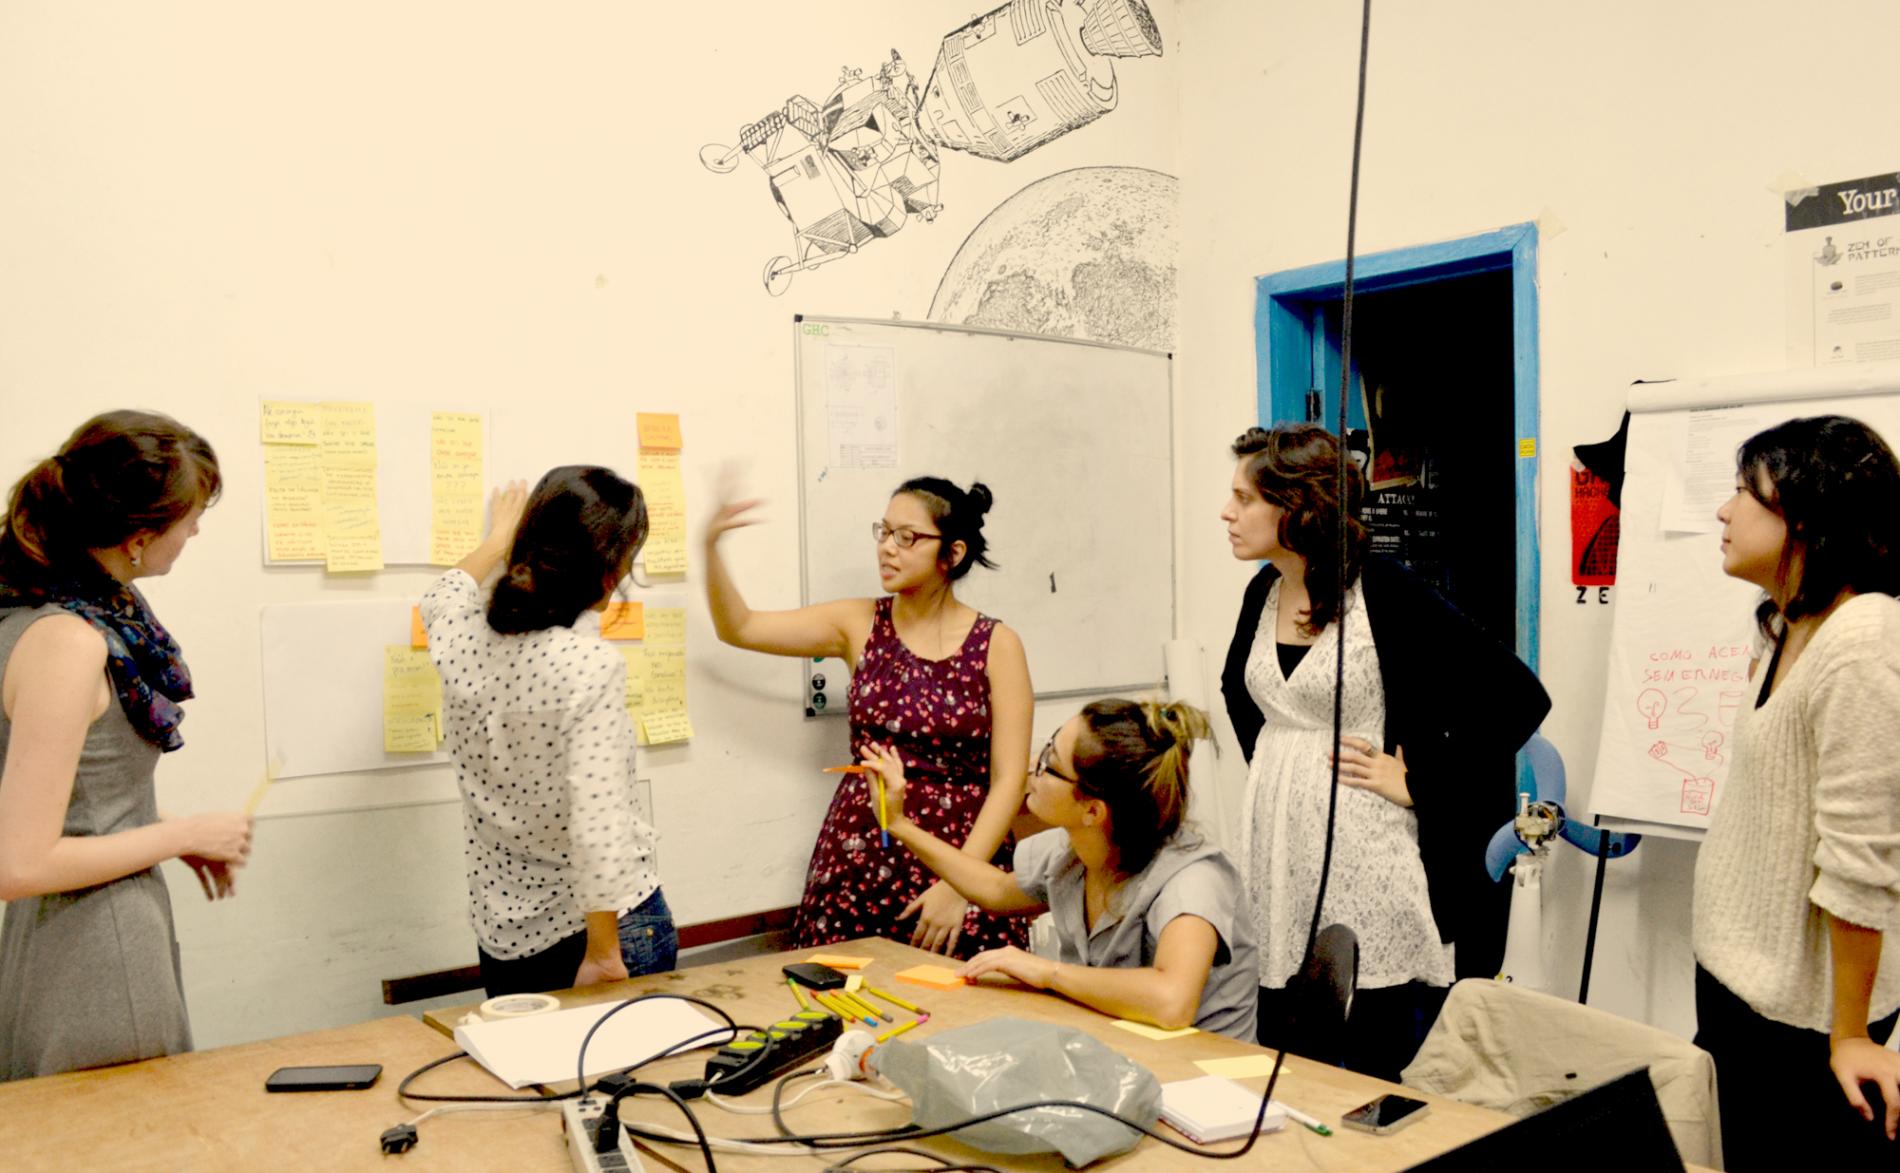 Jovens do movimento Programaria: unidas na luta contra os estereótipos. Foto: Divulgação